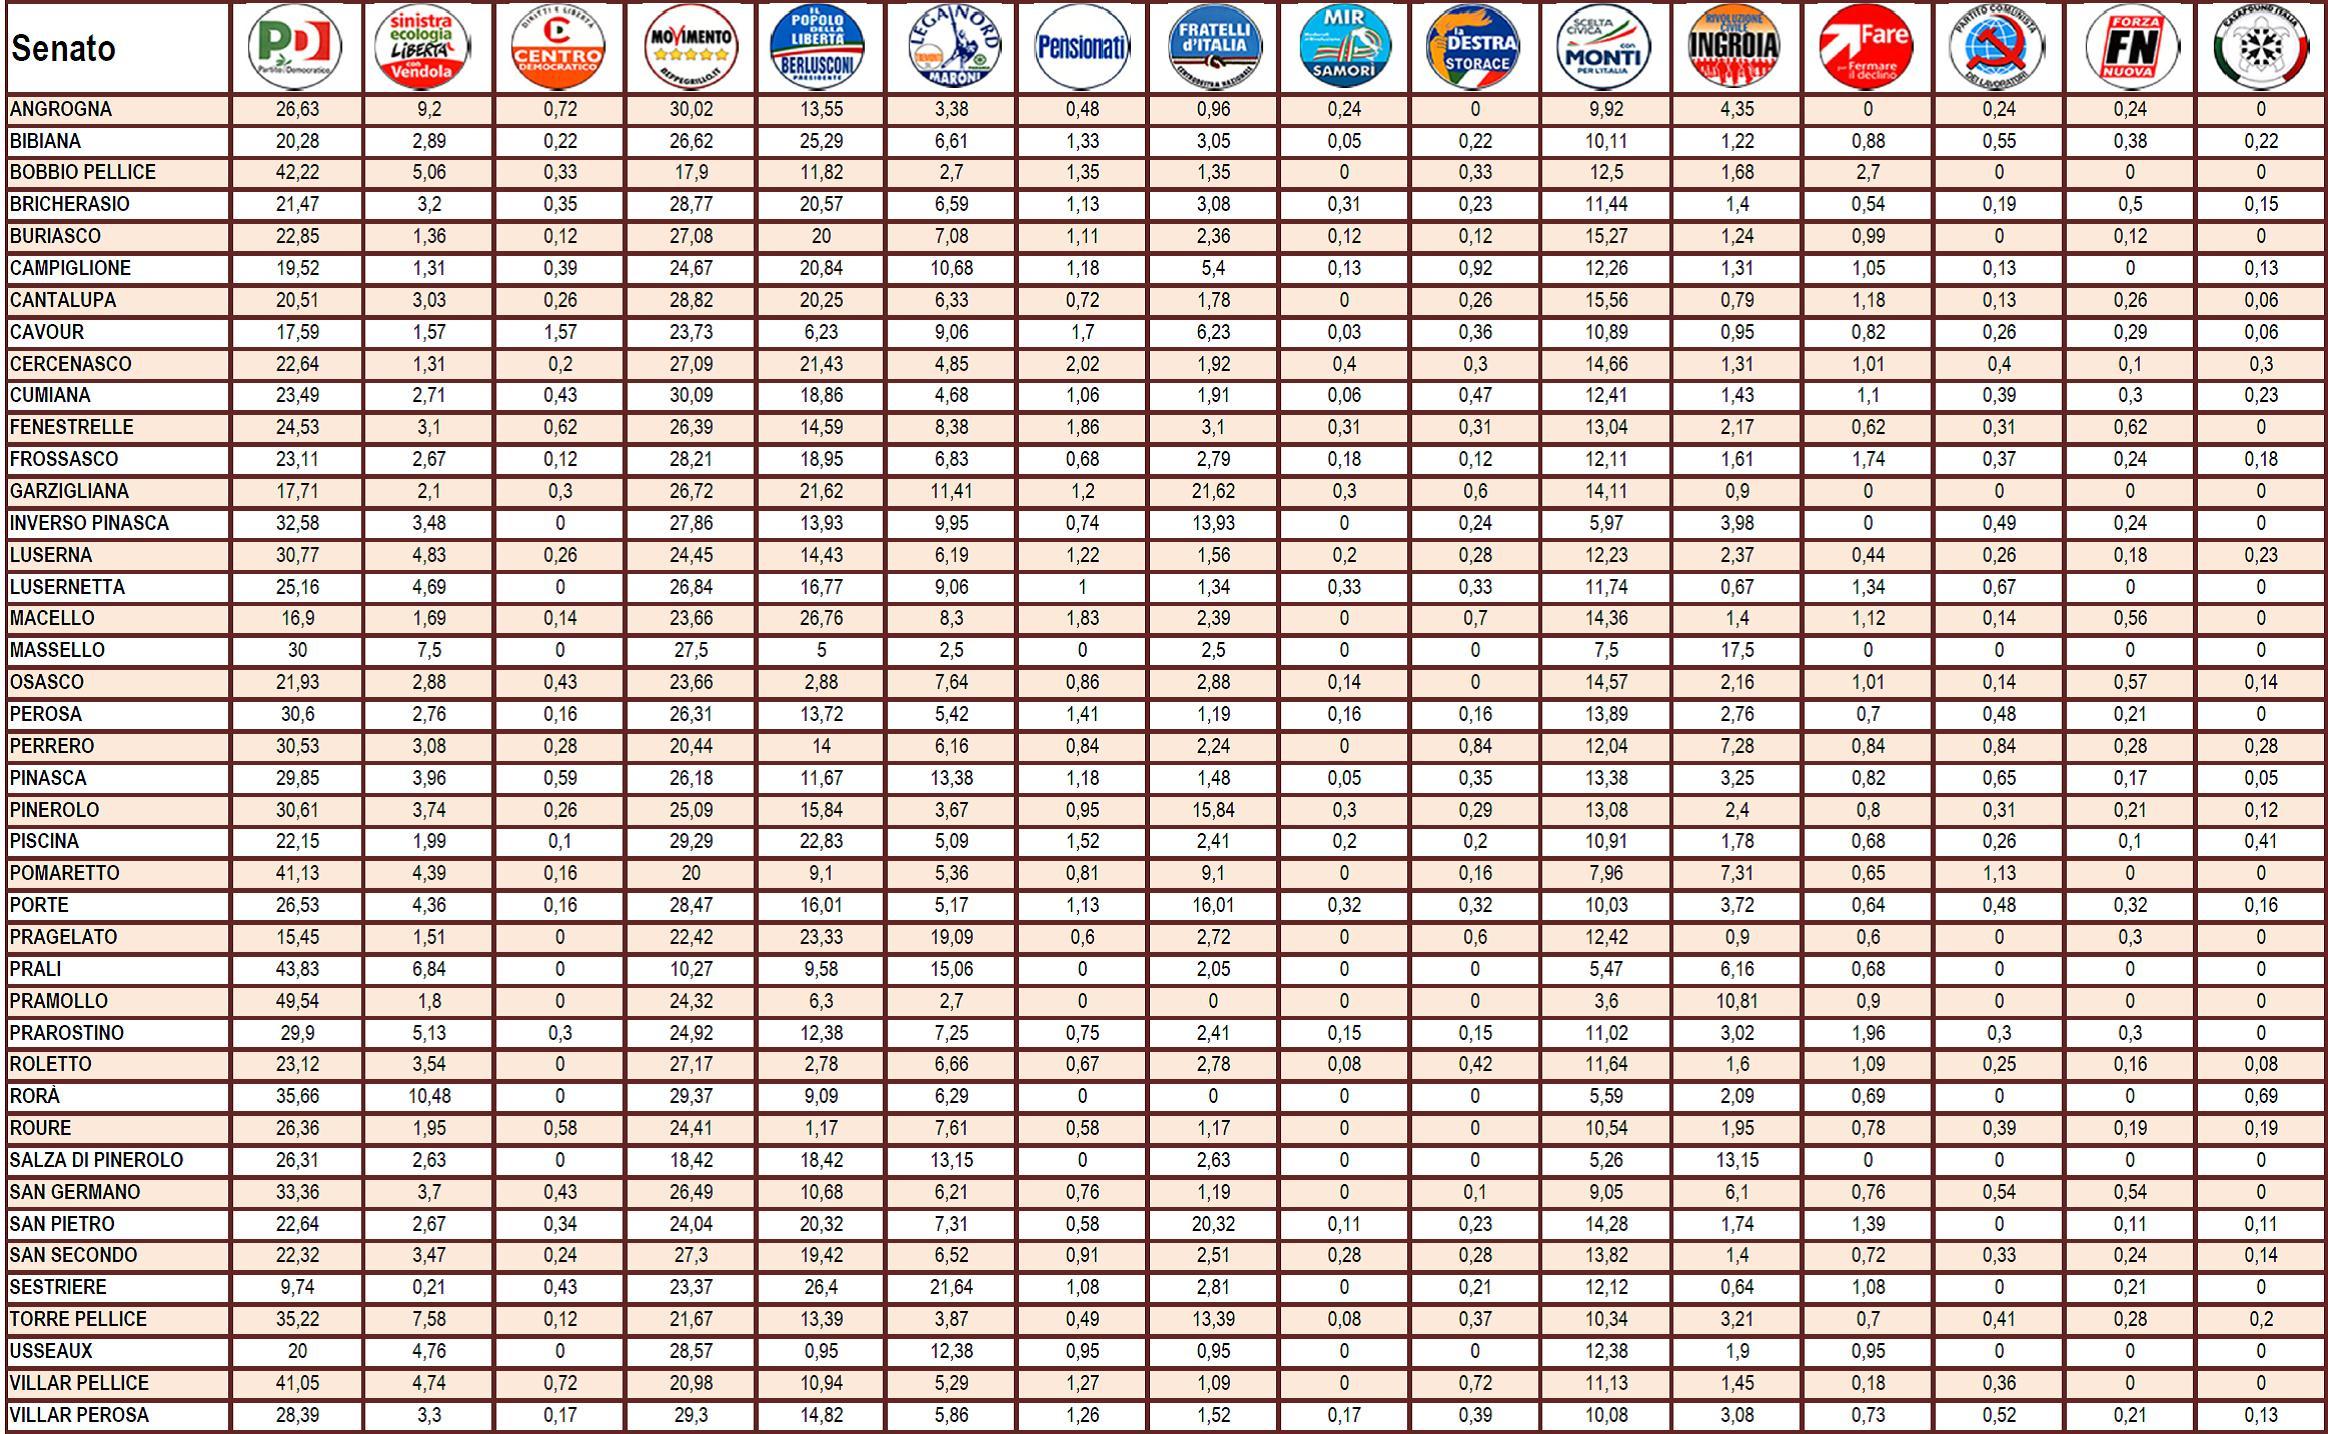 Elezioni: ecco come hanno votato i cittadini del pinerolese